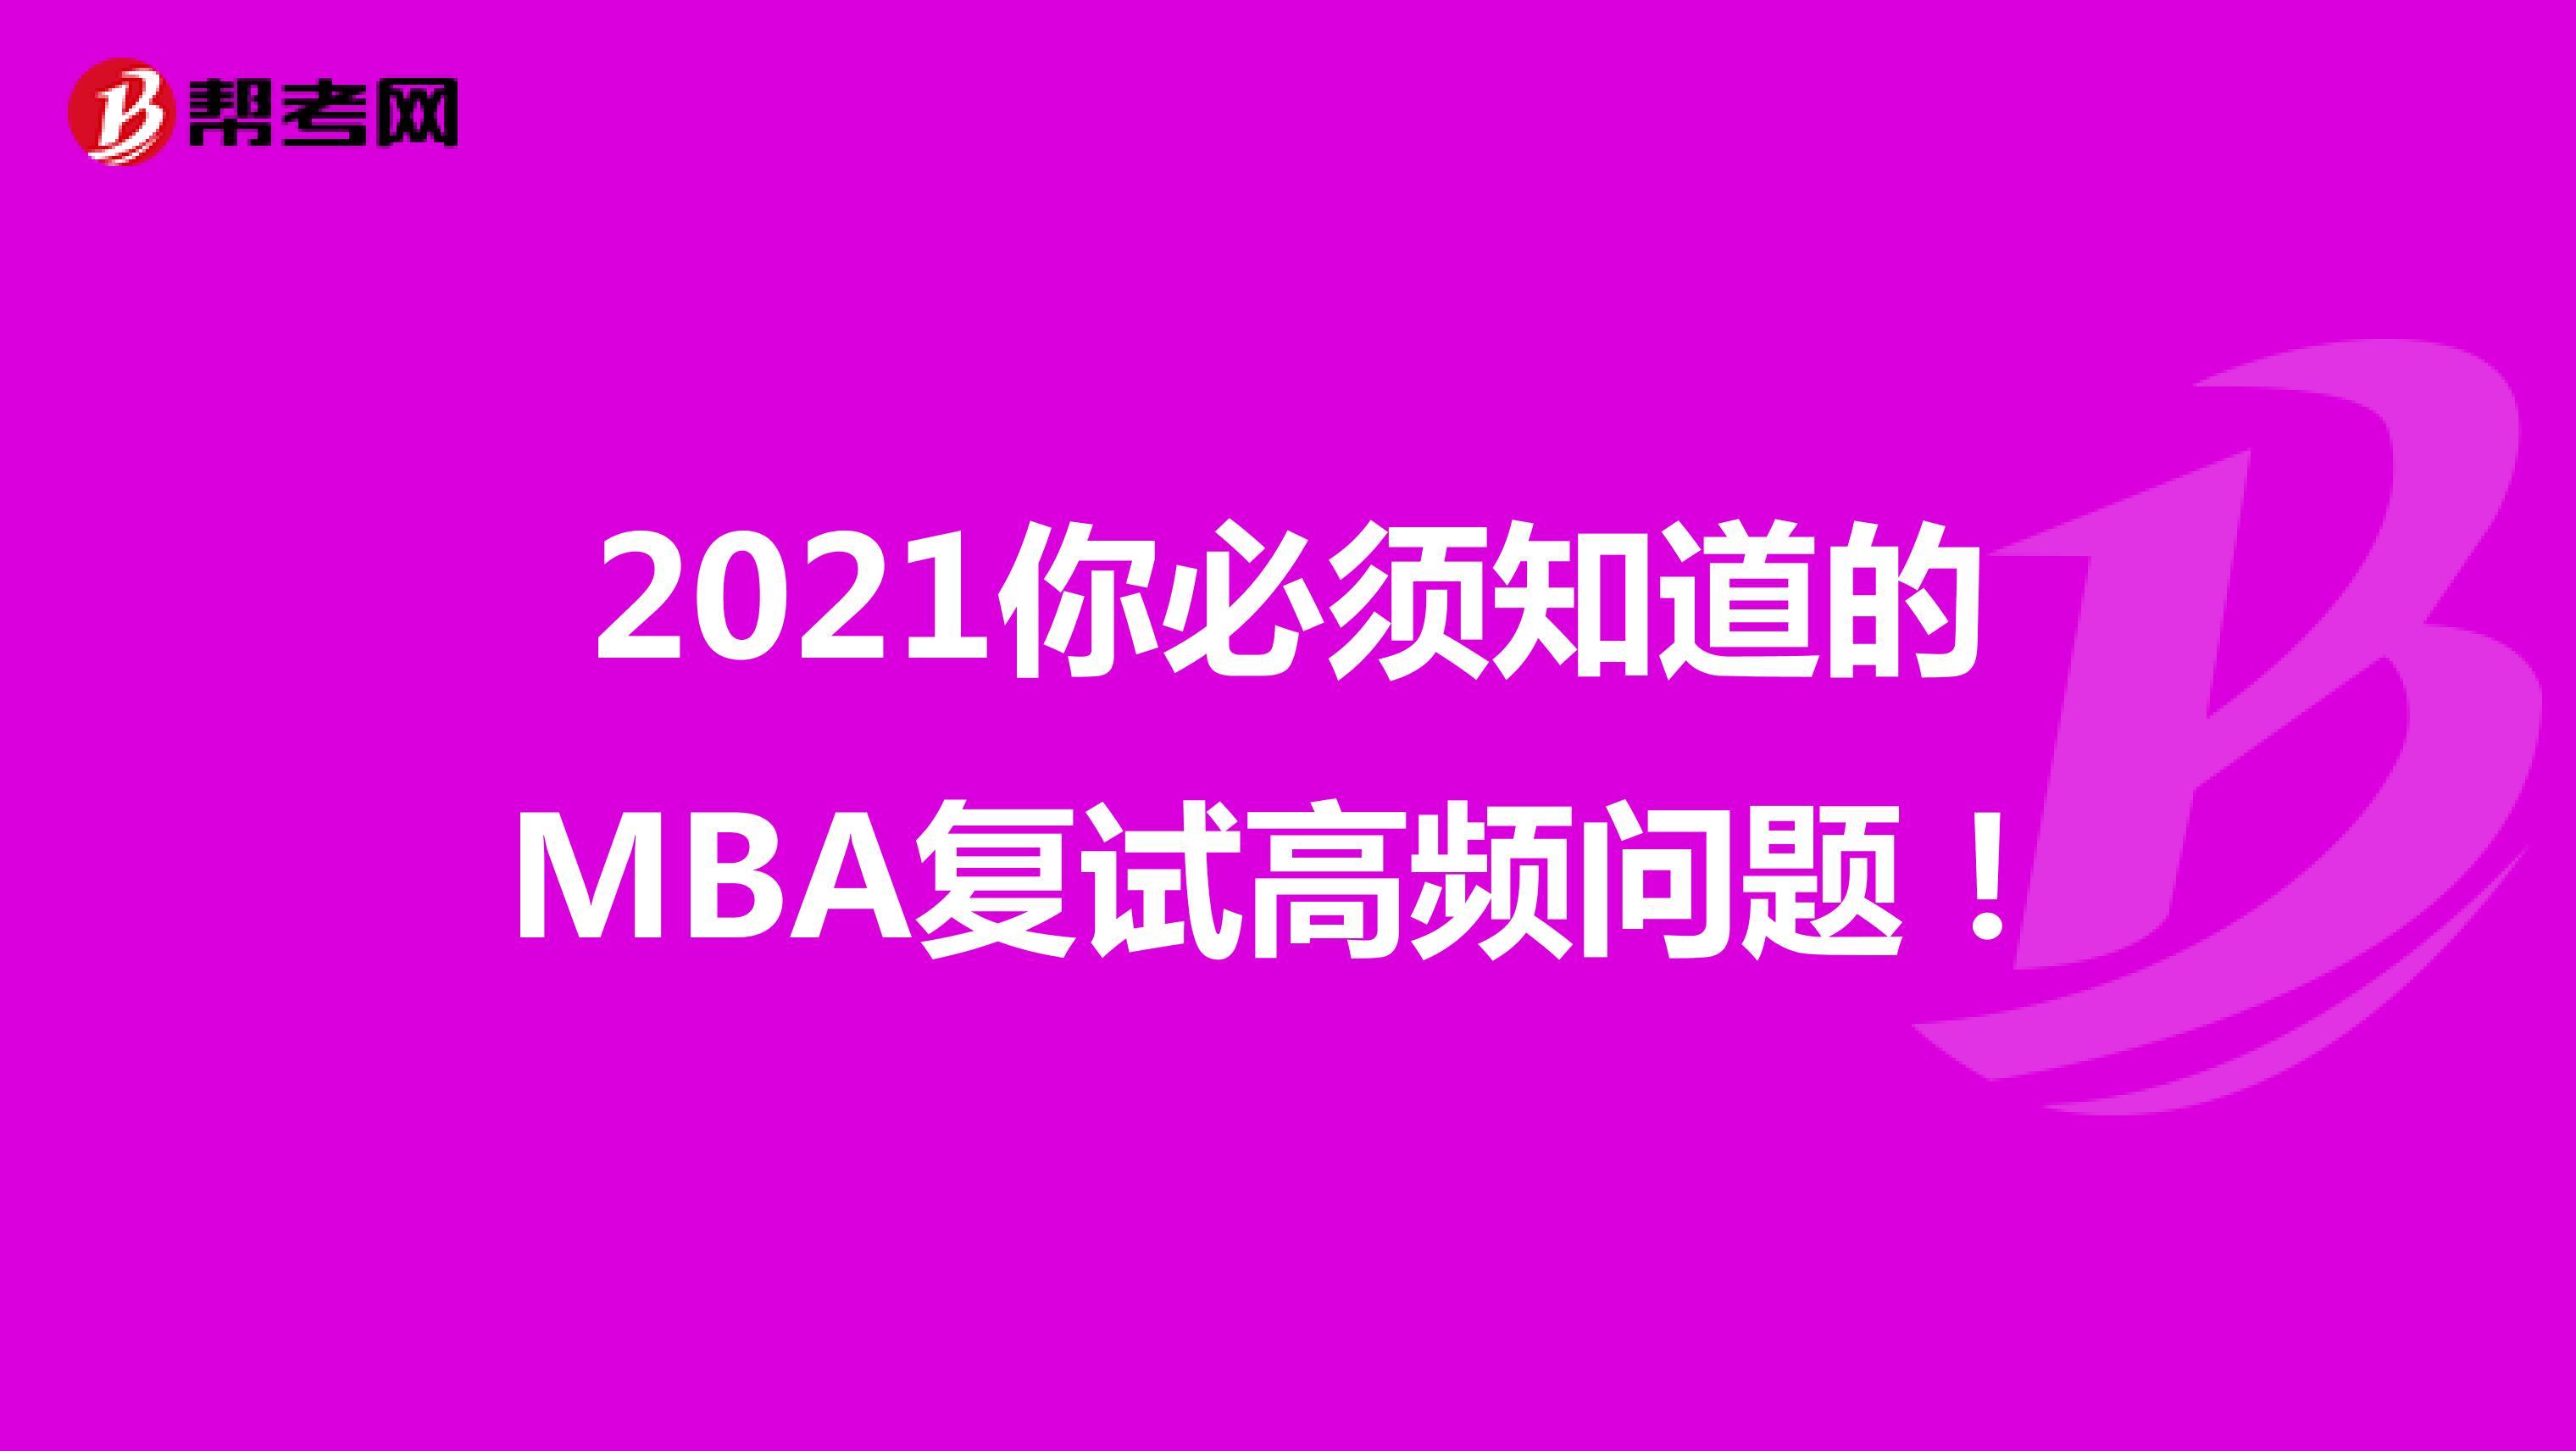 2021你必须知道的MBA复试高频问题!